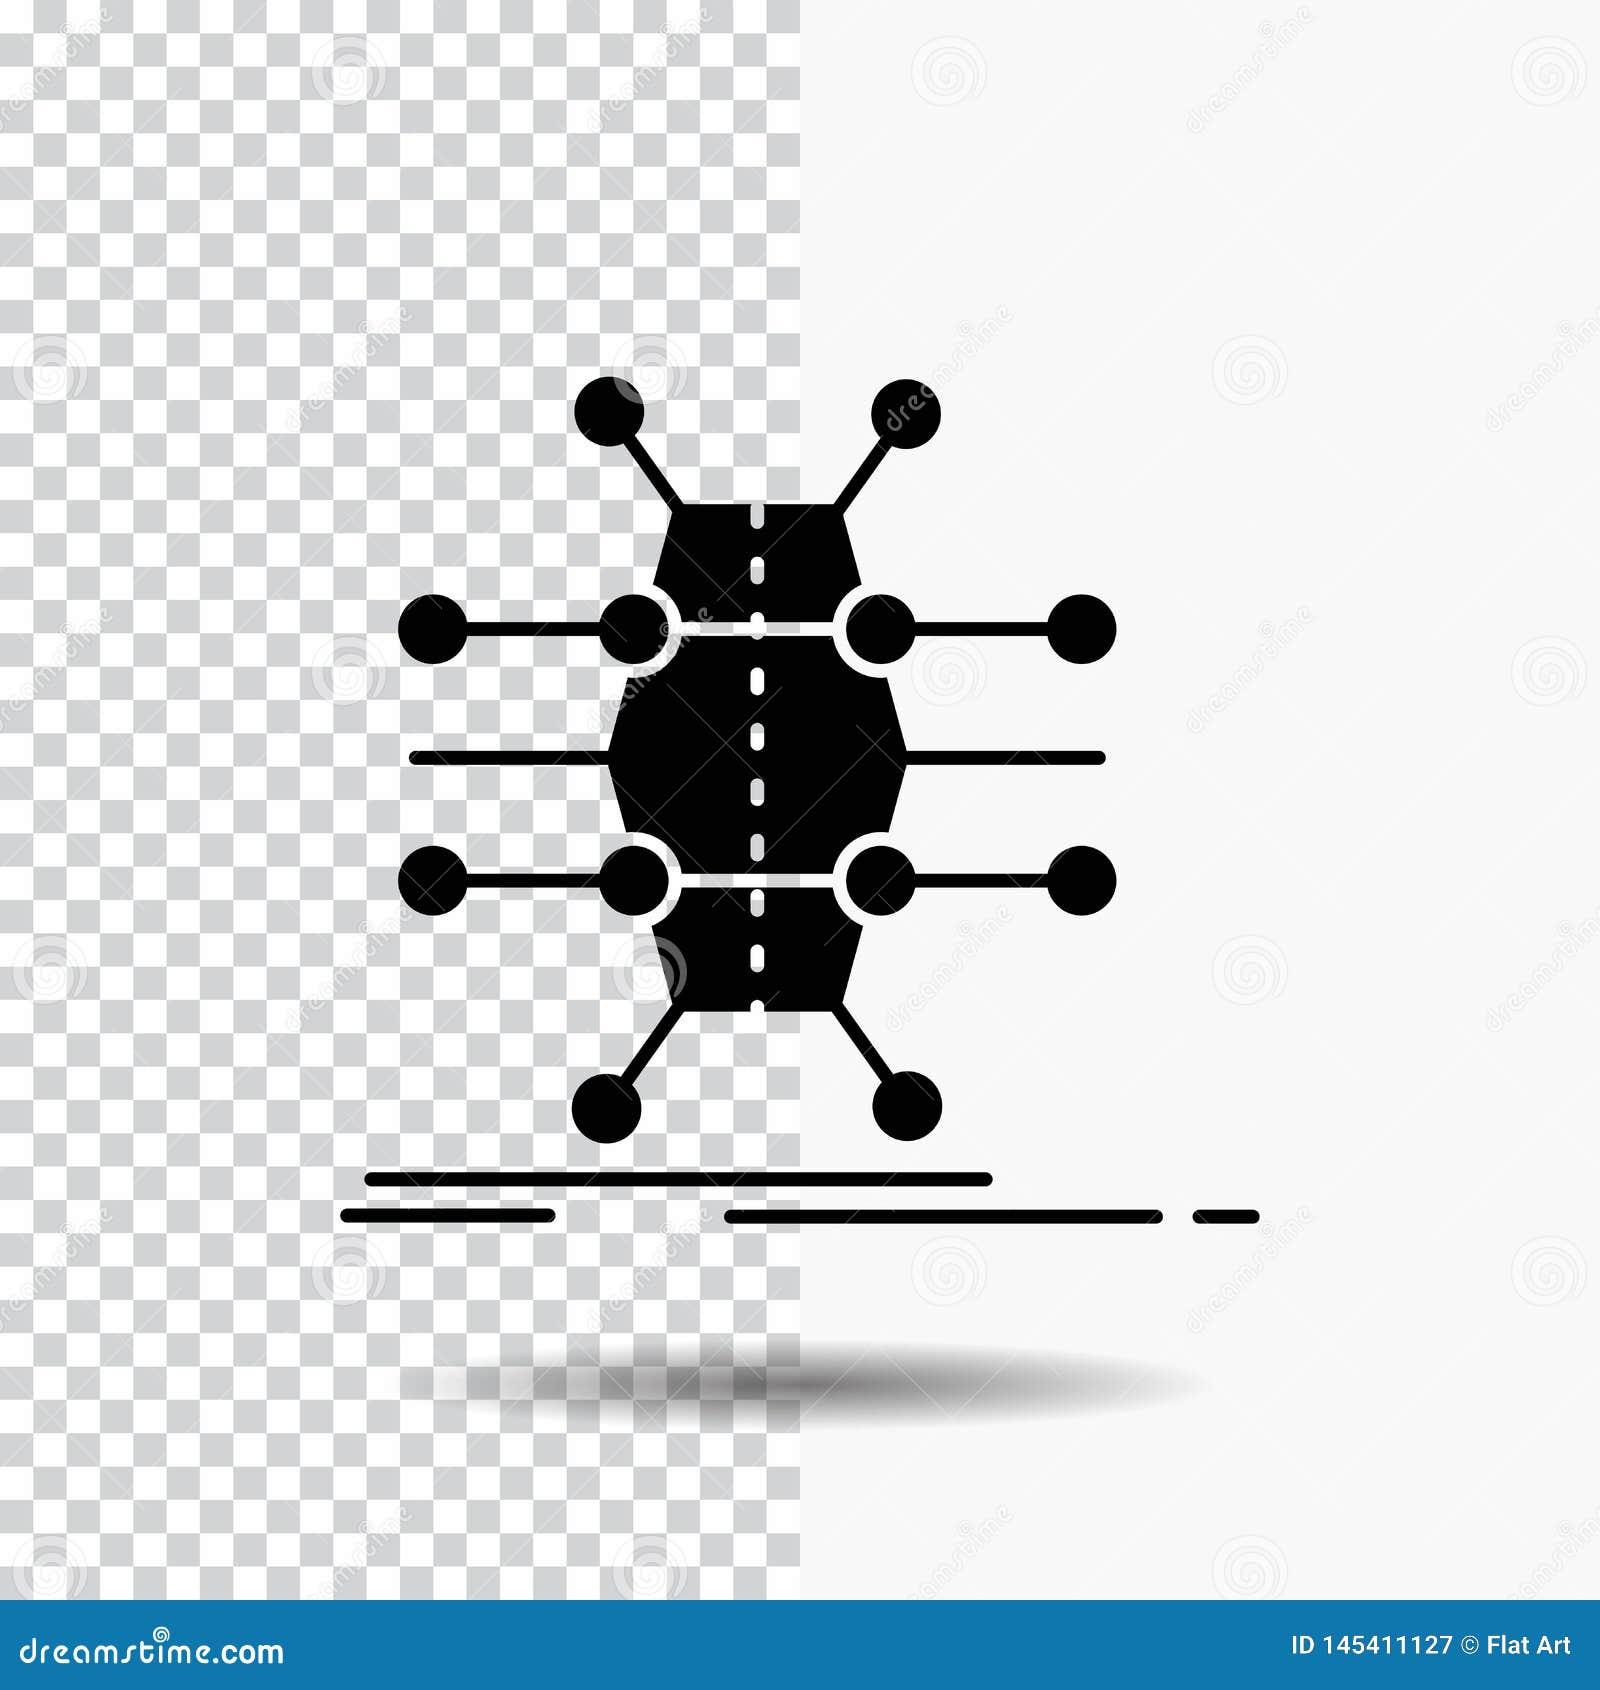 Verteilung, Gitter, Infrastruktur, Netz, intelligente Glyph-Ikone auf transparentem Hintergrund Schwarze Ikone